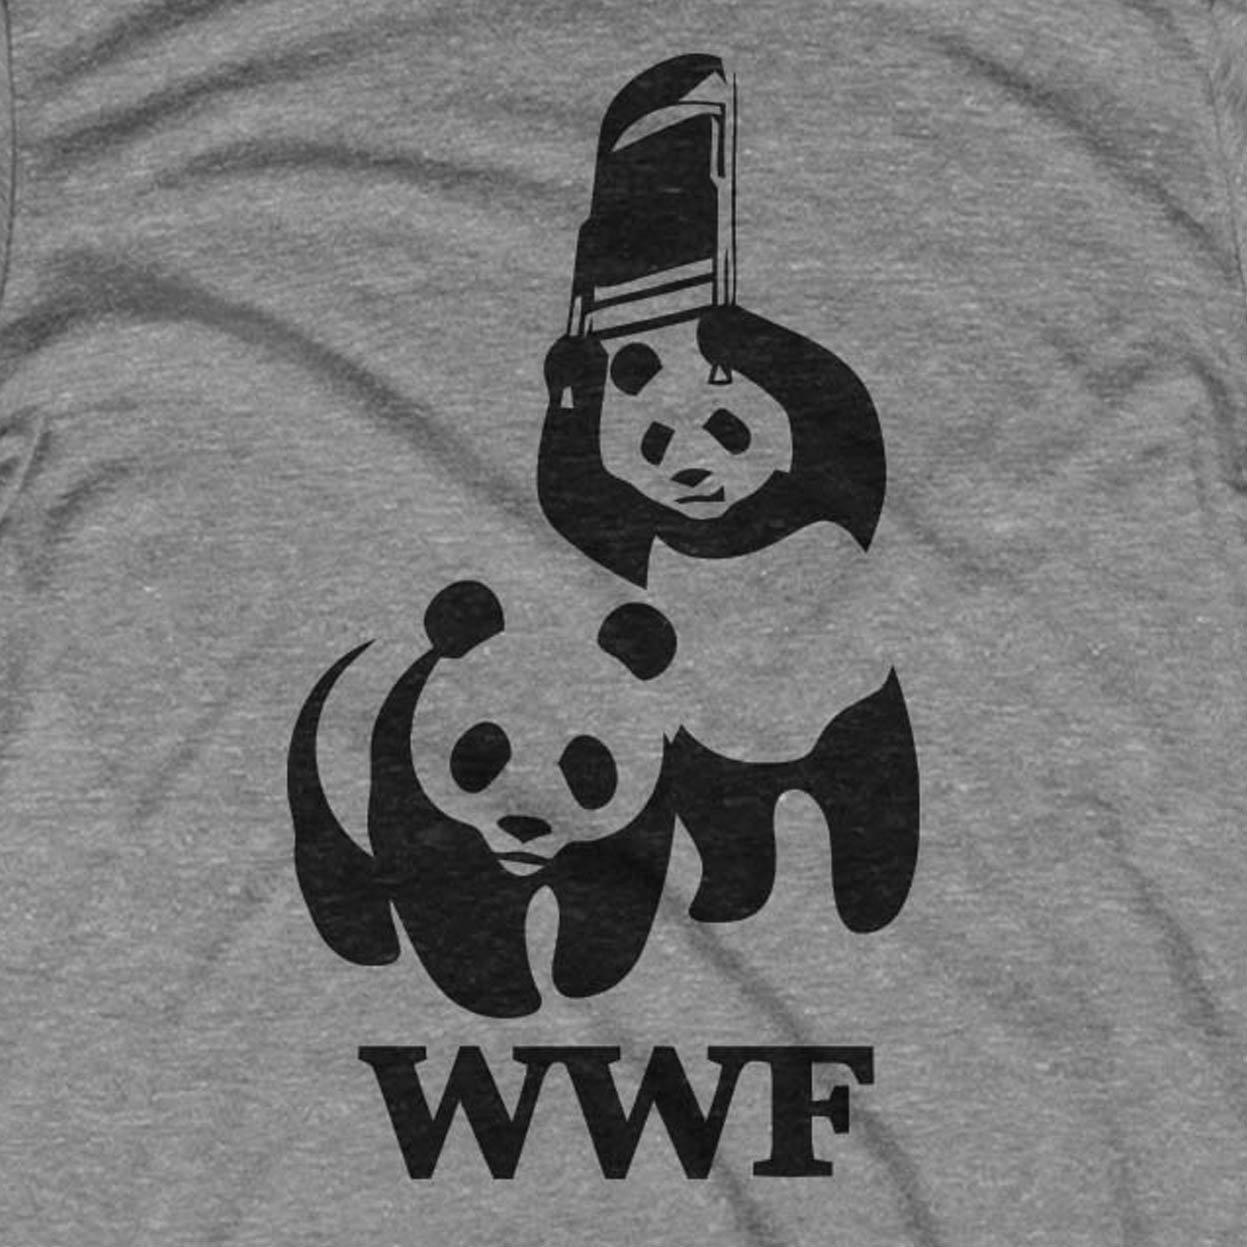 b027ab4eb51616 WWE WWF Panda. Price   9.99. T-Shirt Sizes